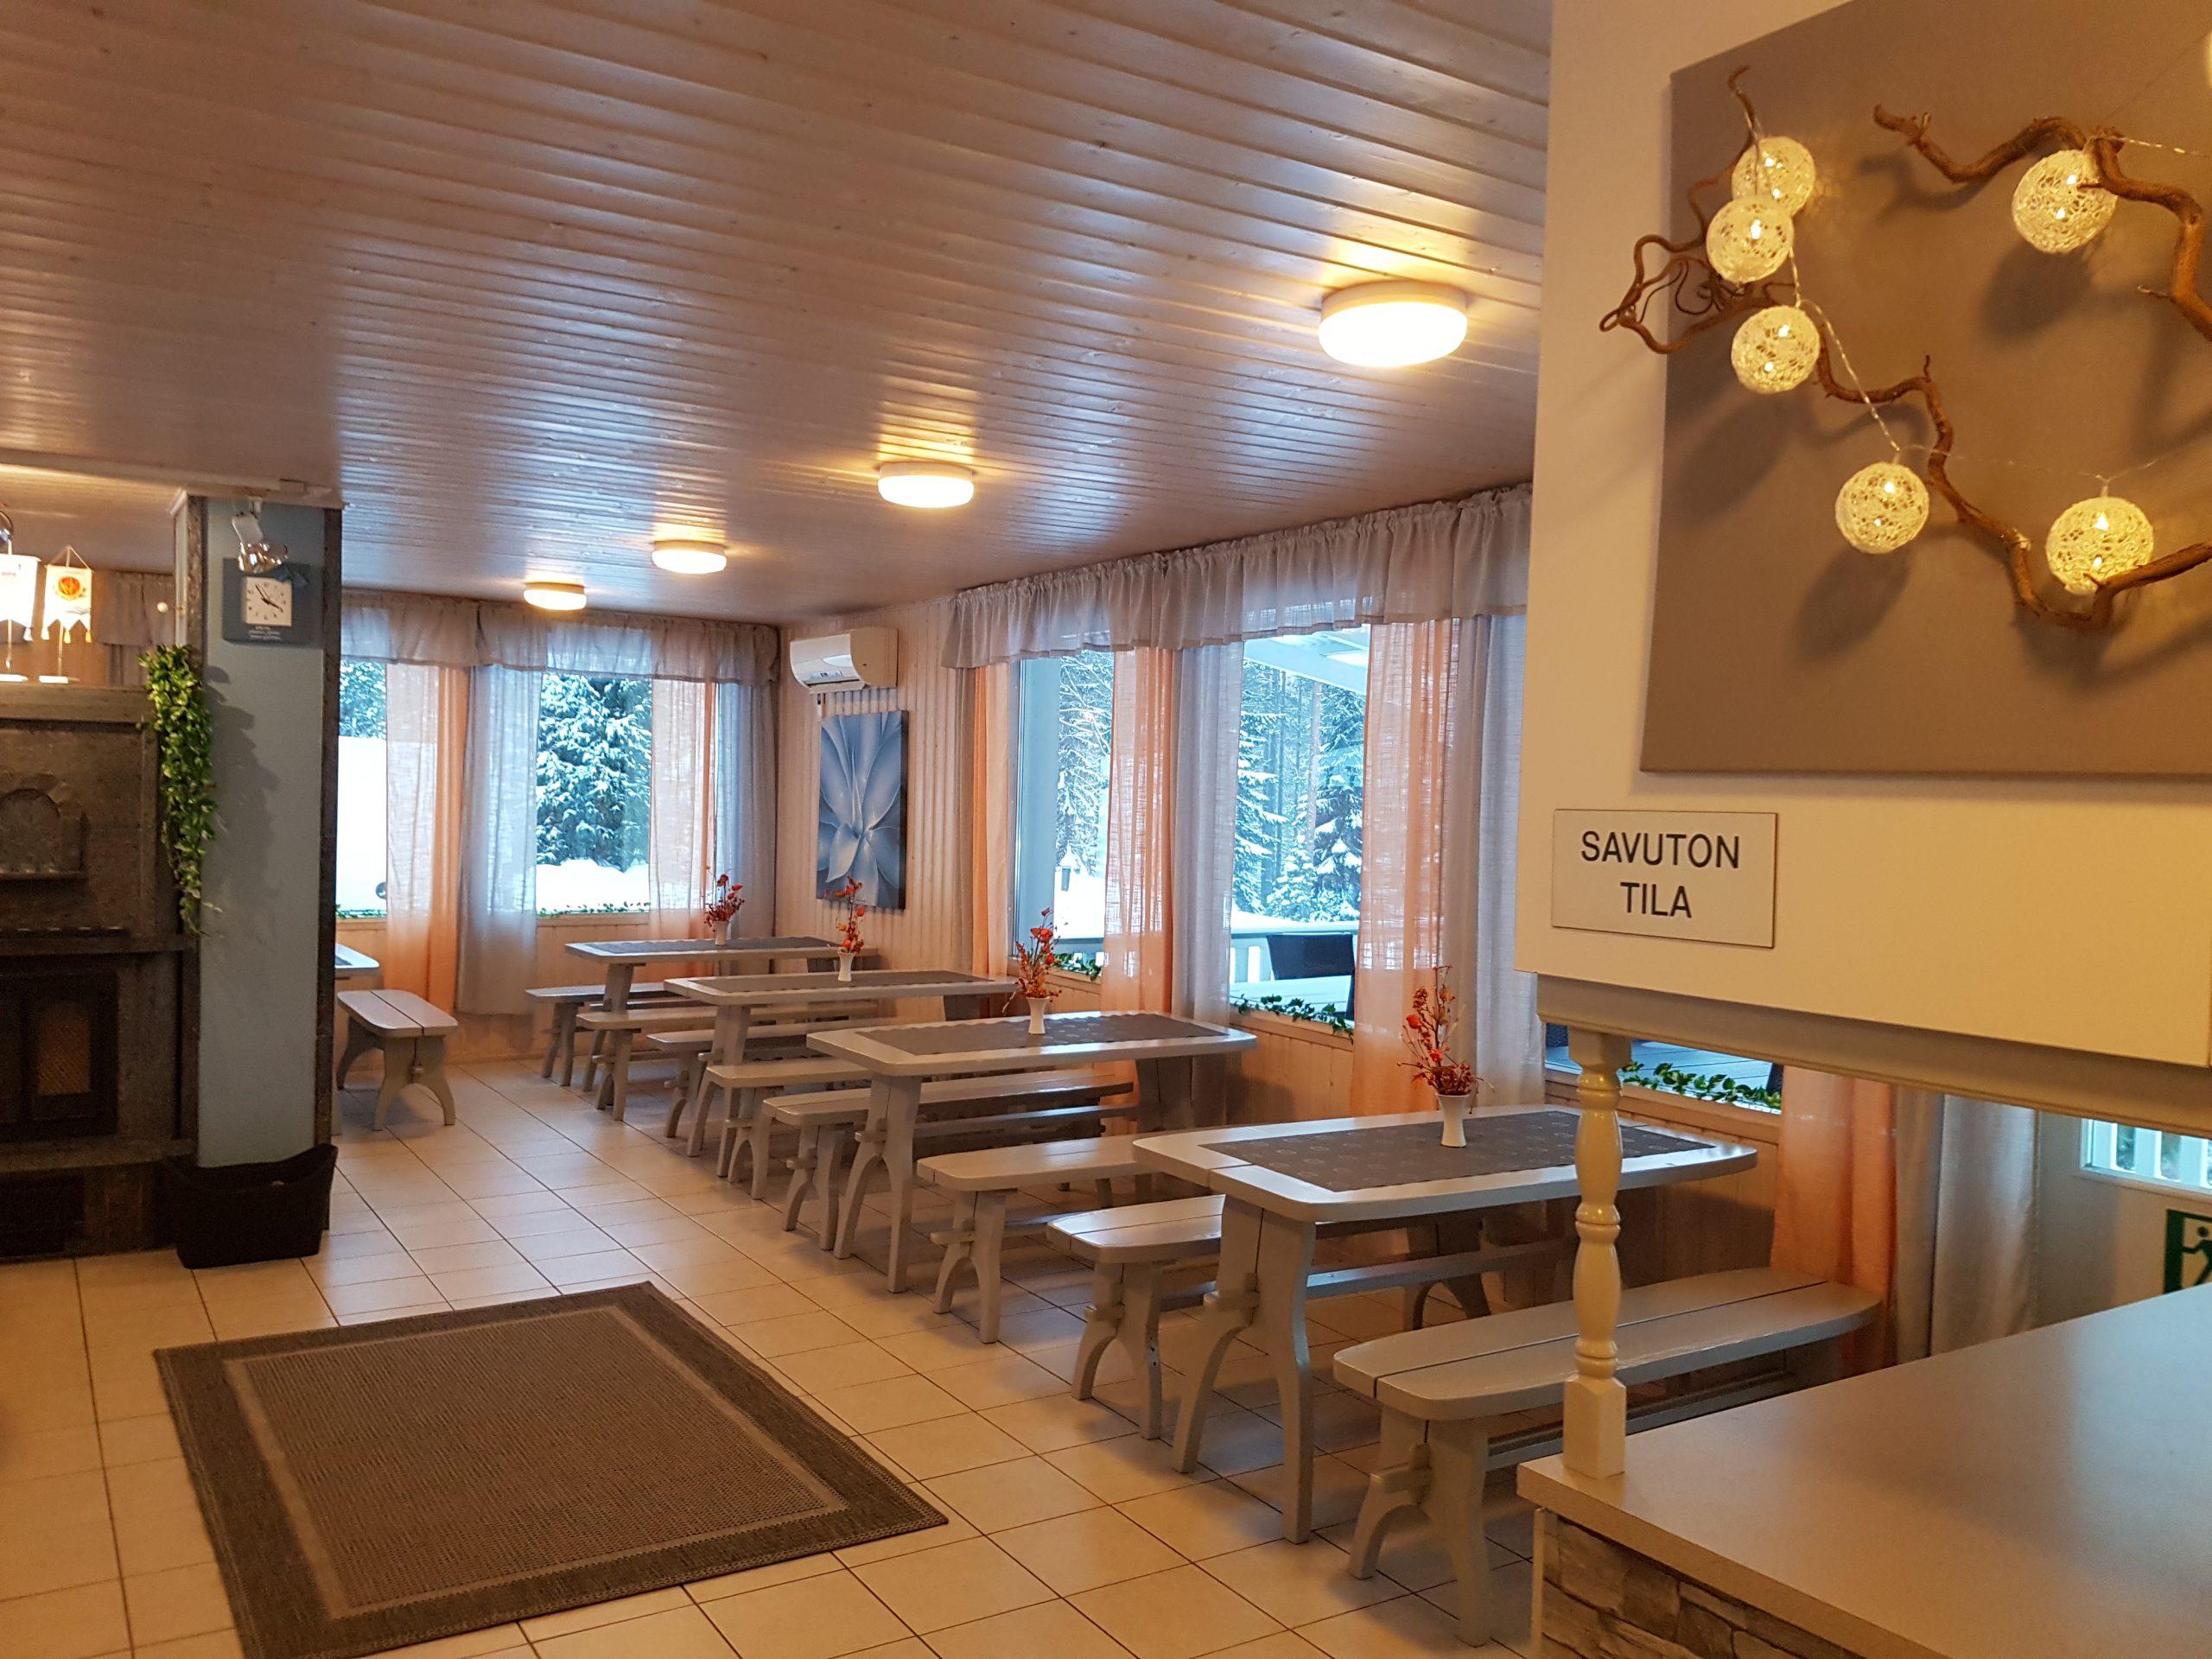 Nokian Urheilijoiden majan sisätiloissa on noin neljän hengen pöytiä ja pitkiä penkkejä. Tila on sisustettu vaaleilla väreillä ja keskellä tilaa on takka.